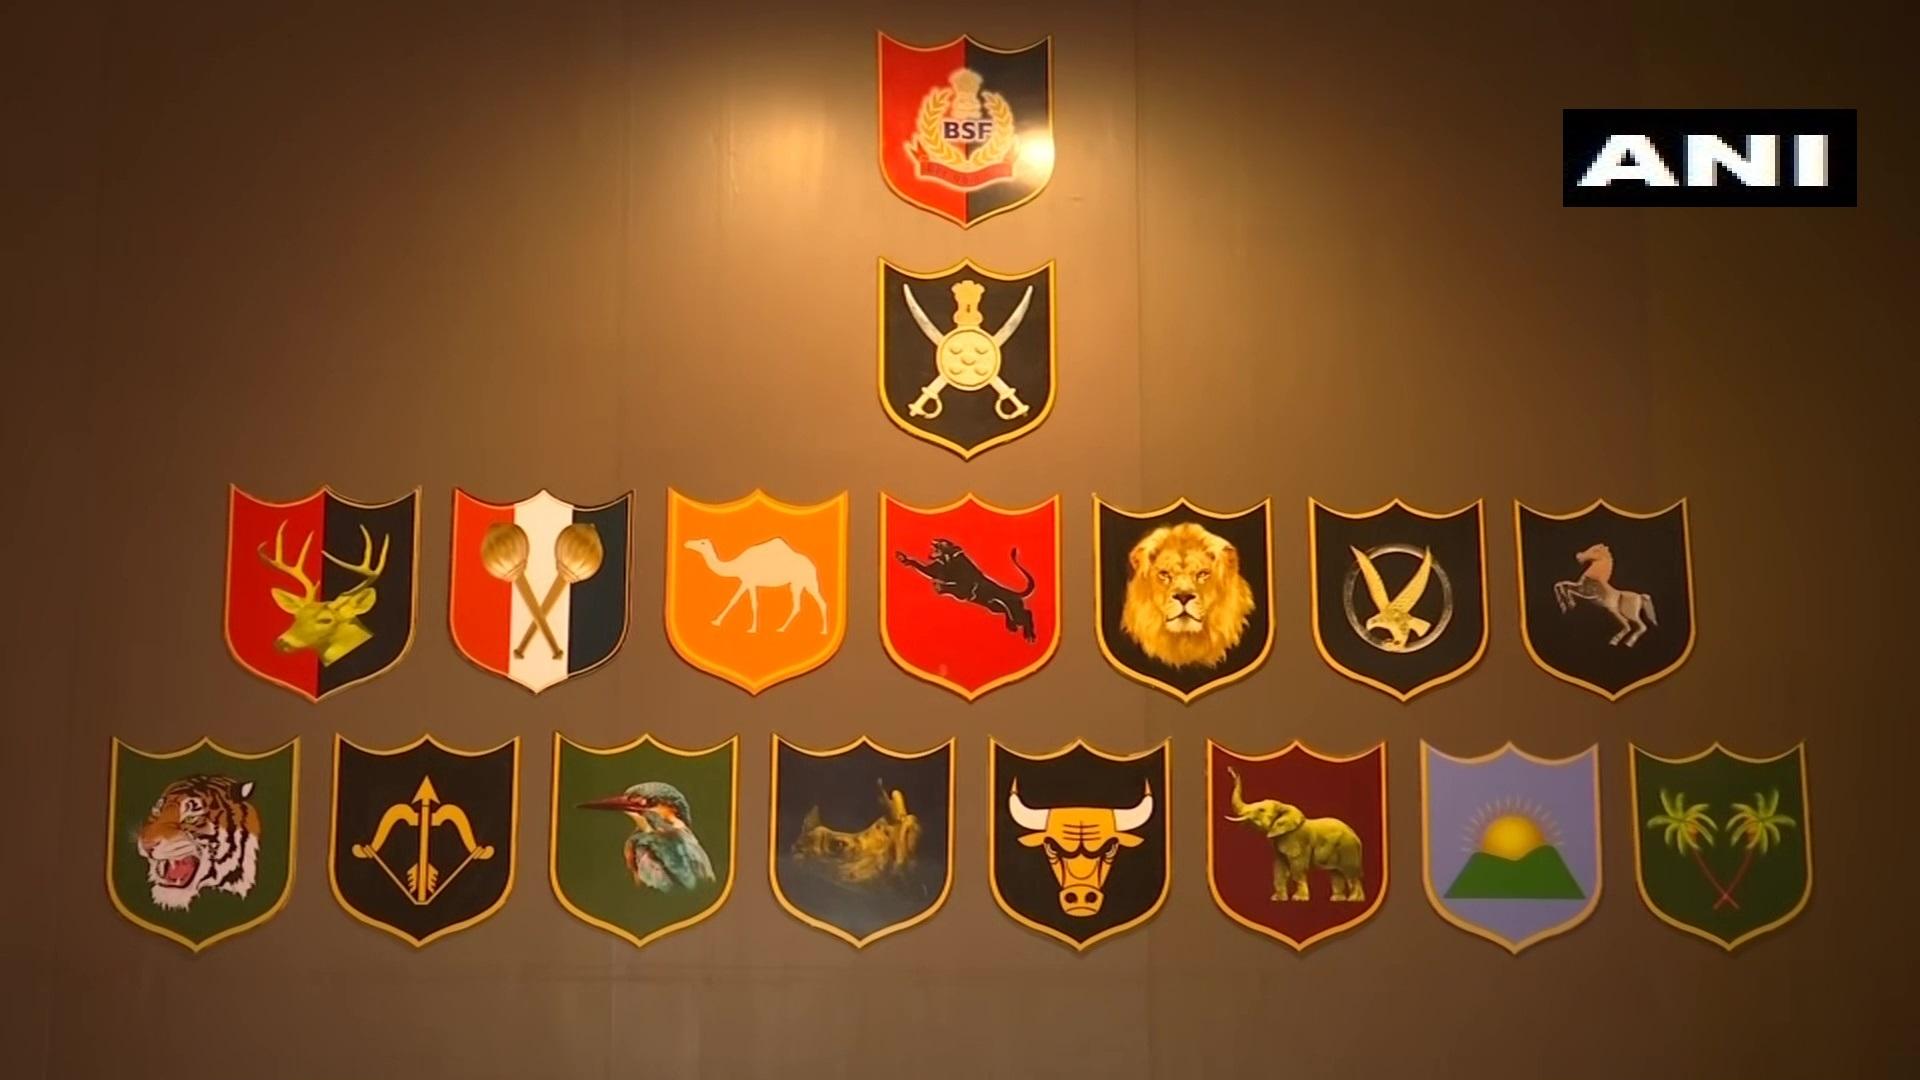 BSF museum: युद्ध के नायकों की वीरता की गाथा को दर्शाता है BSF का ये म्यूजियम